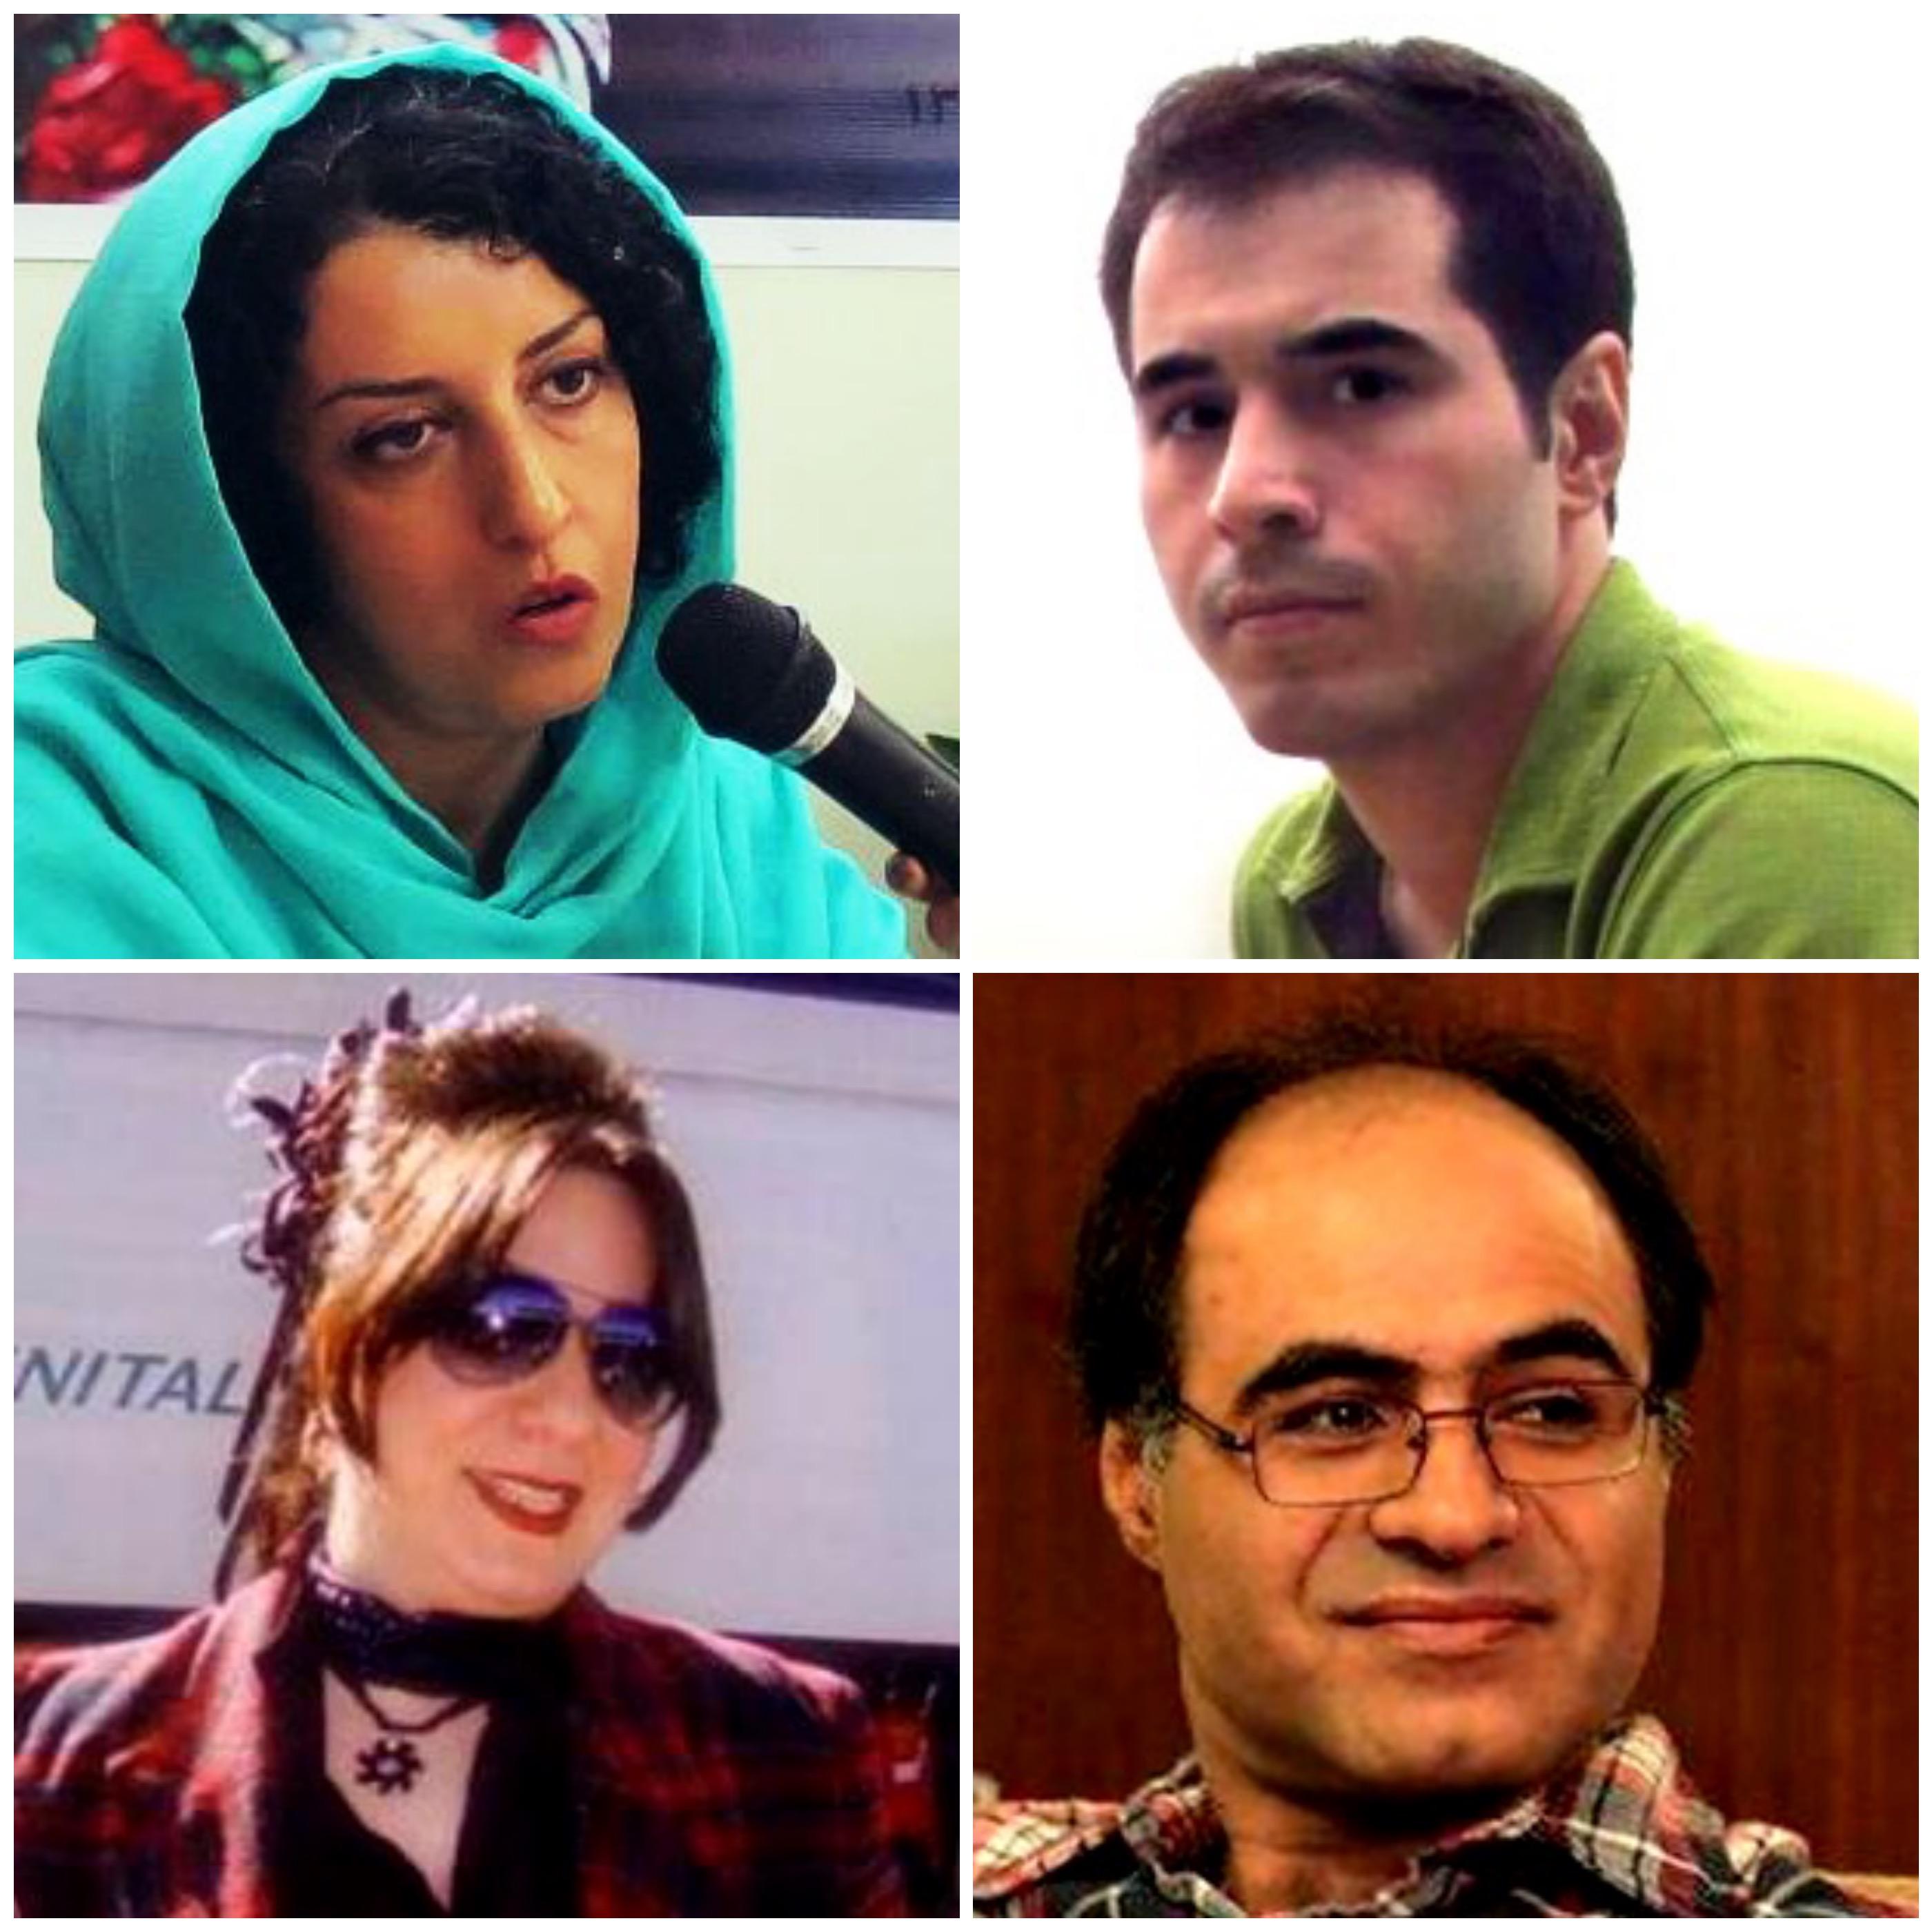 ایران باید به محرومیت از حق درمان برای روزنامهنگاران زندانی بیمار پایان دهد